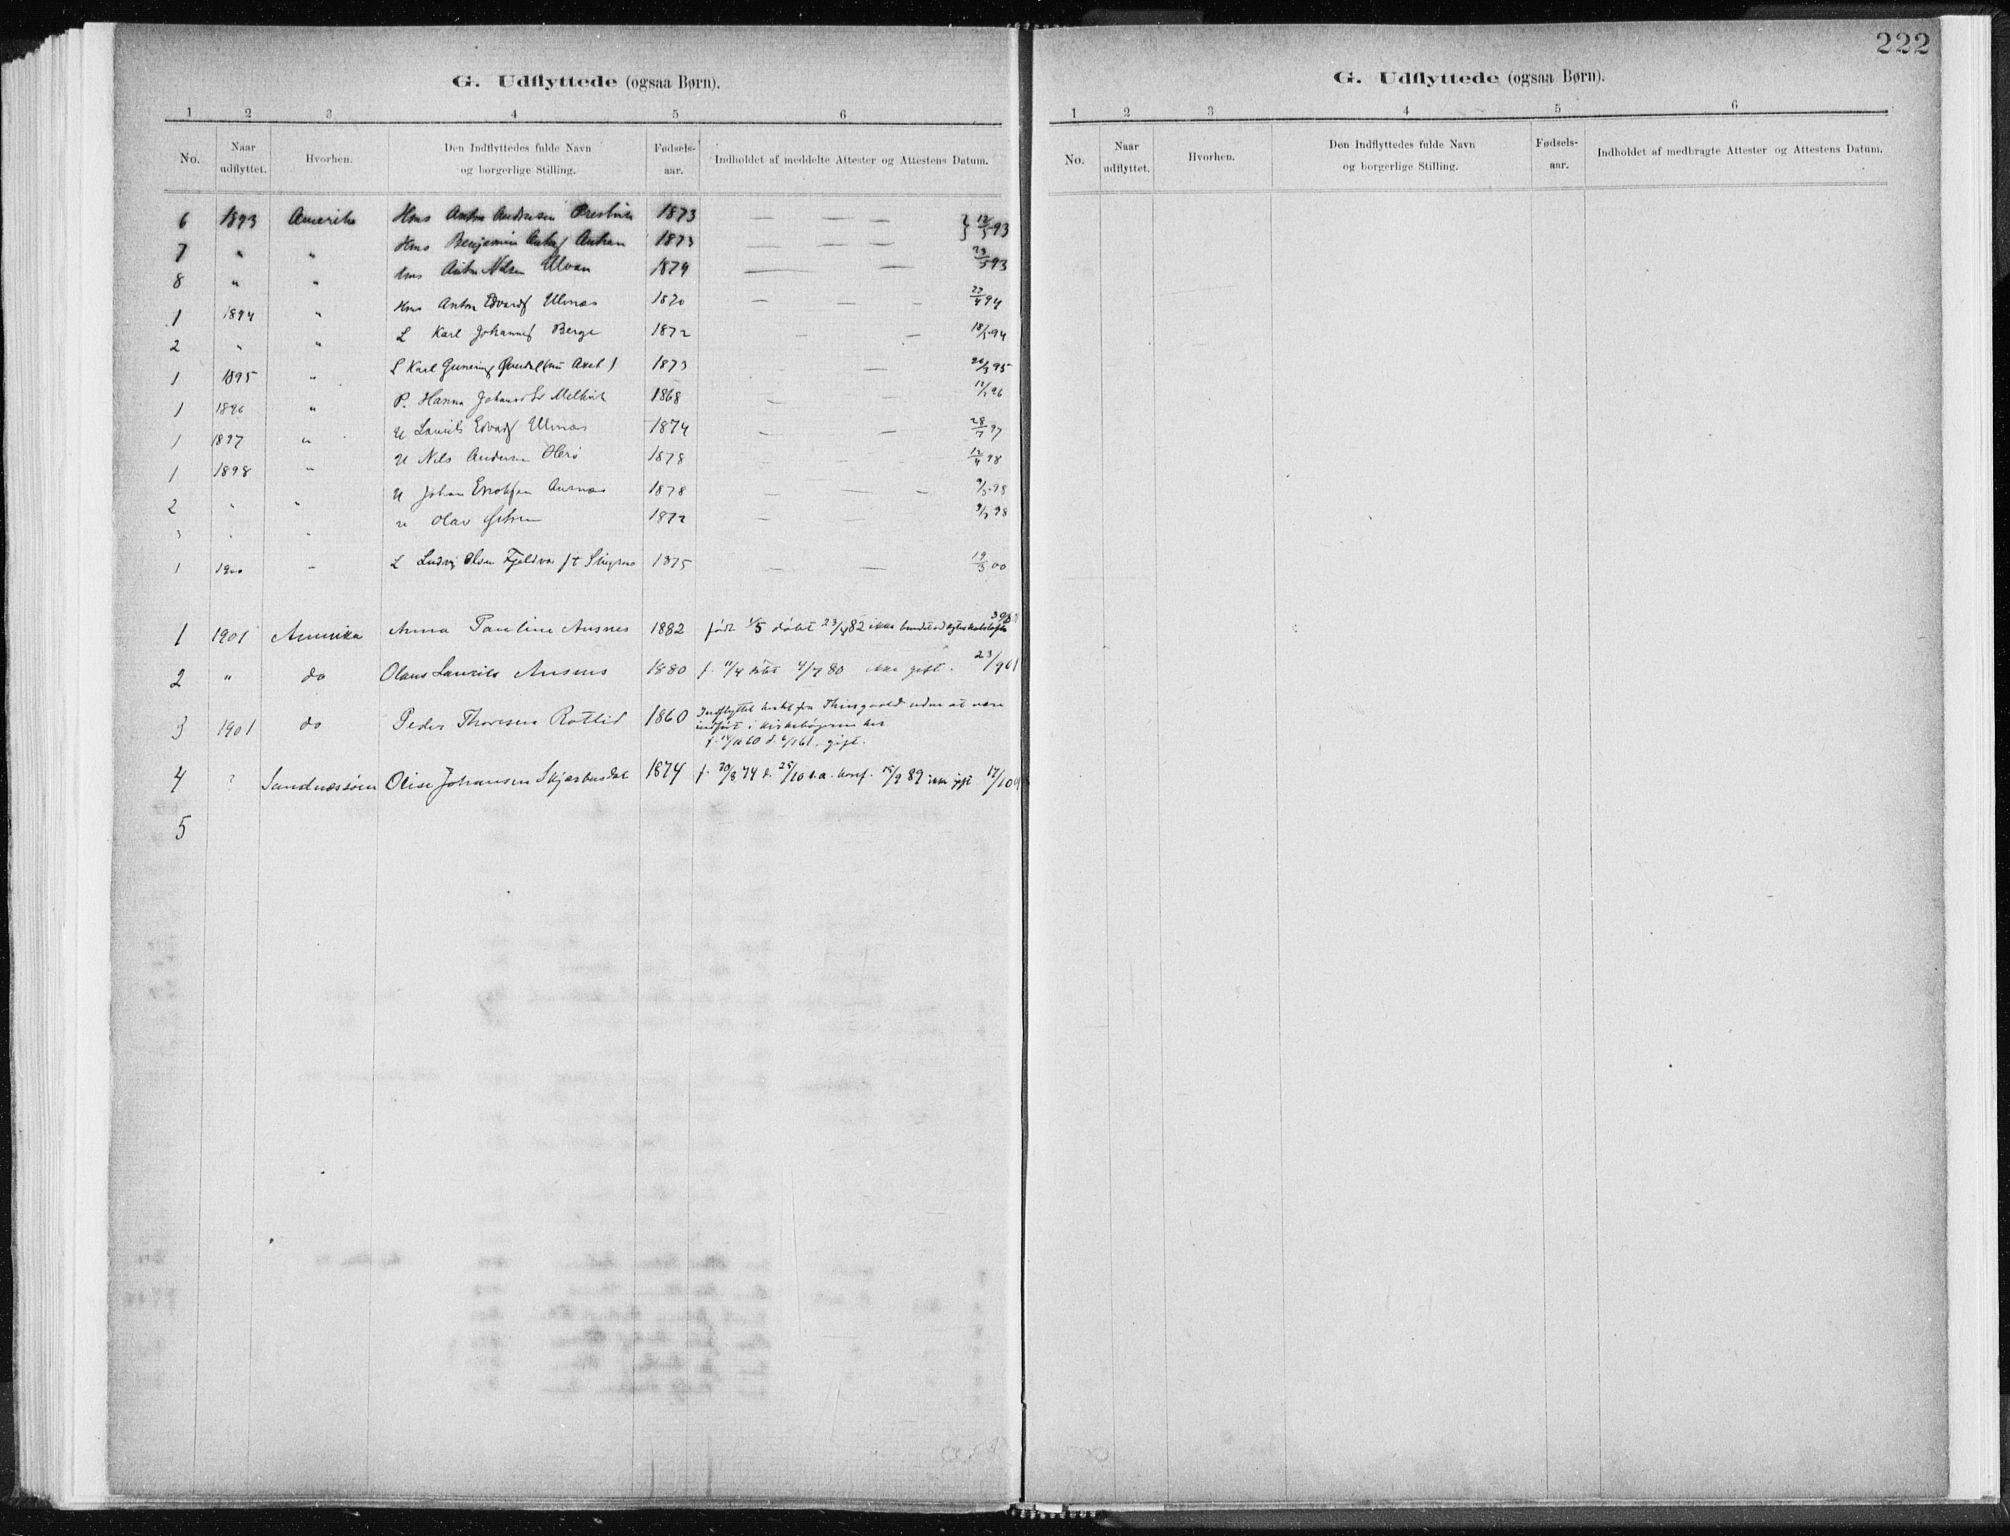 SAT, Ministerialprotokoller, klokkerbøker og fødselsregistre - Sør-Trøndelag, 637/L0558: Ministerialbok nr. 637A01, 1882-1899, s. 222